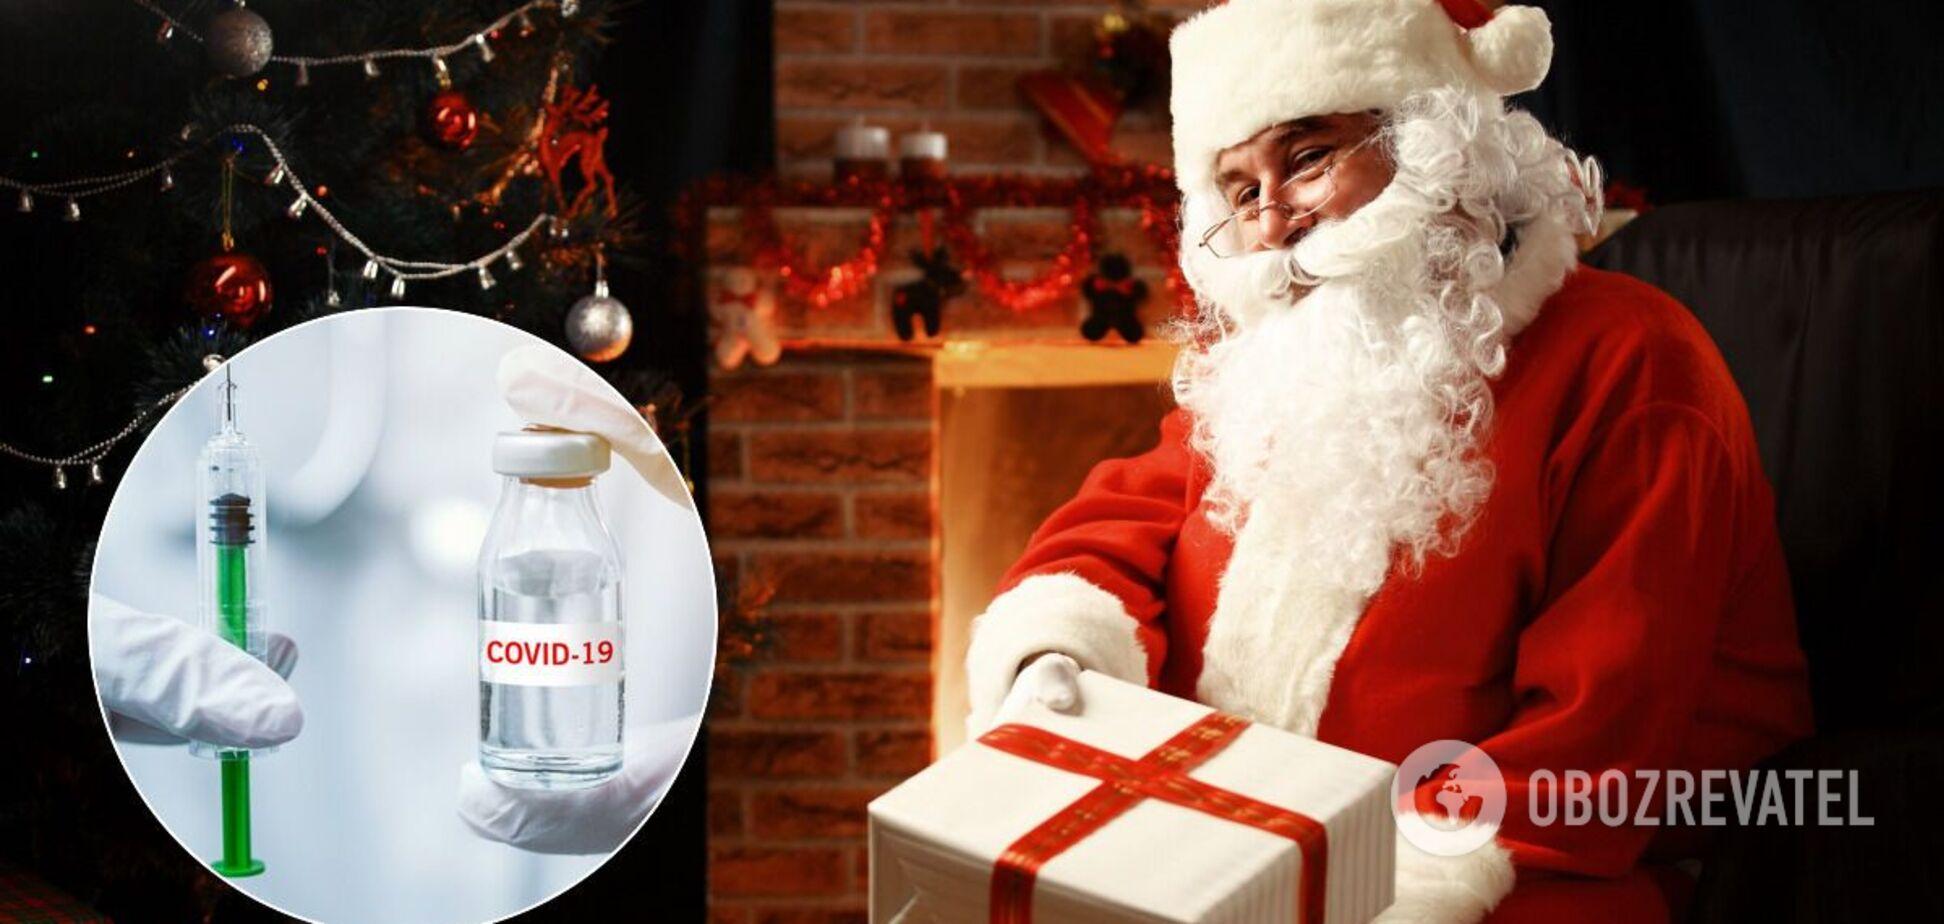 Хлопчик з Ірландії попросив Pfizer надіслати вакцину від COVID-19 для Санта Клауса та отримав відповідь